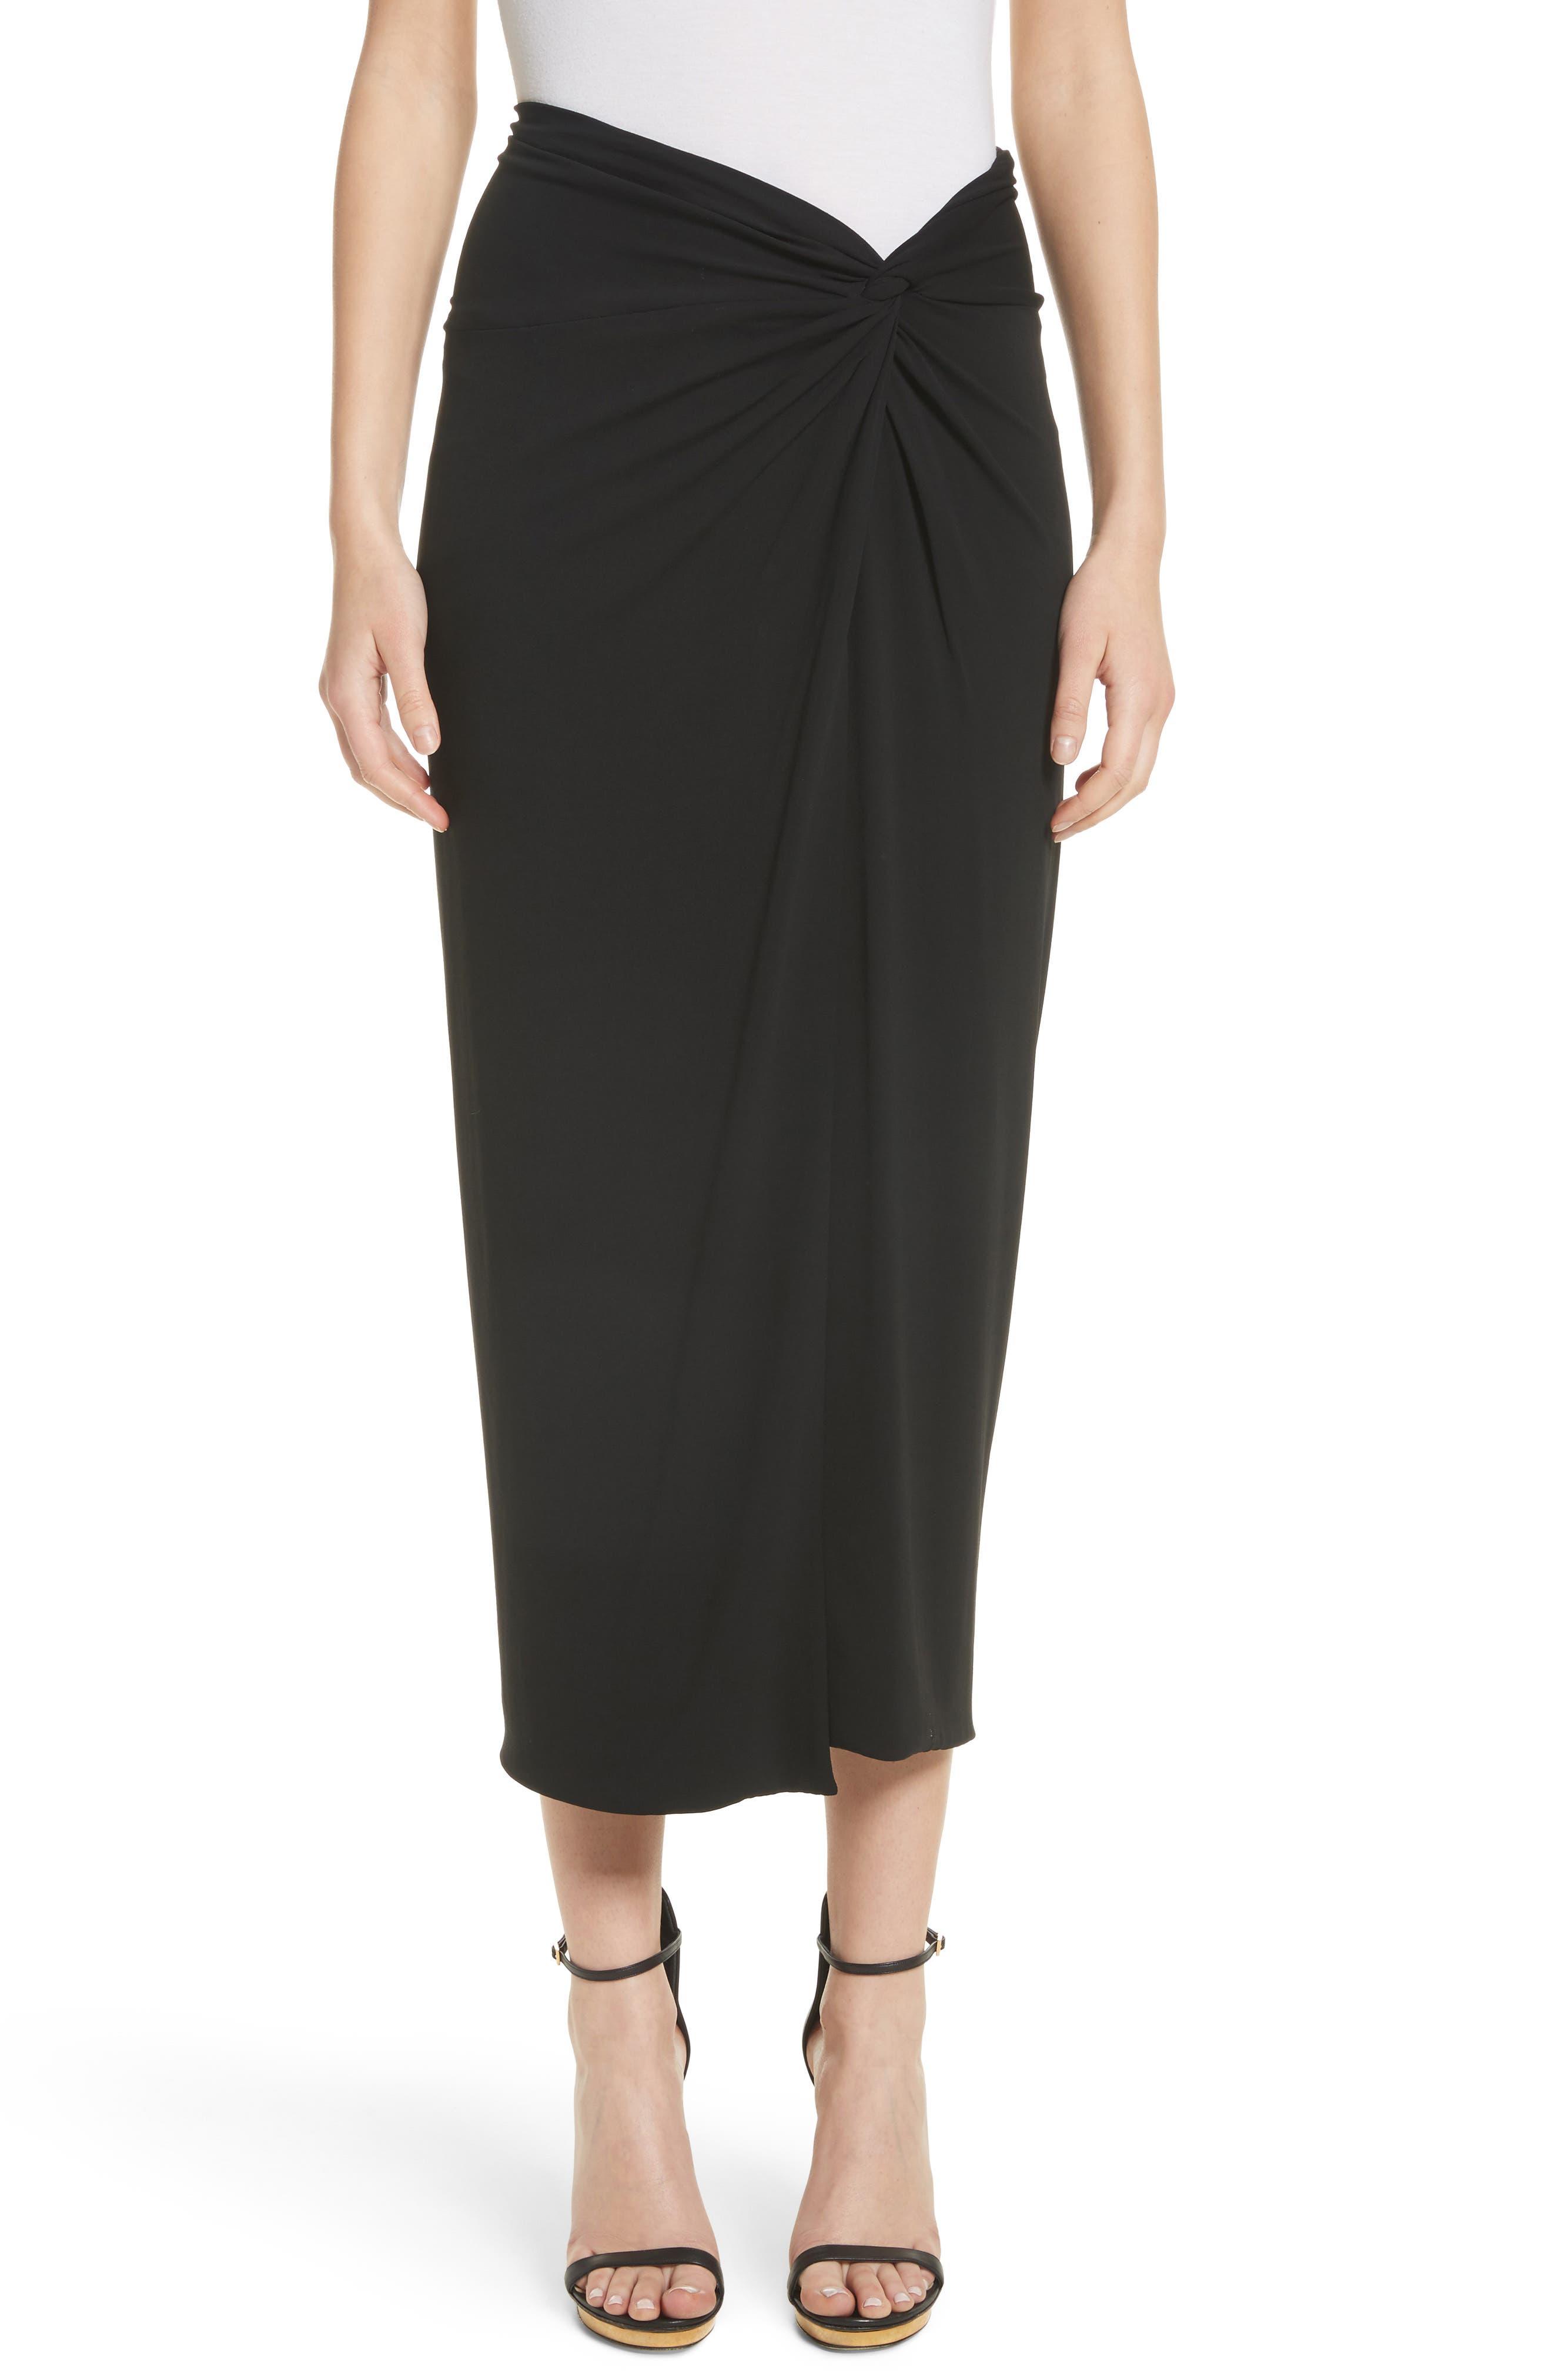 Alternate Image 1 Selected - Michael Kors Sarong Midi Skirt